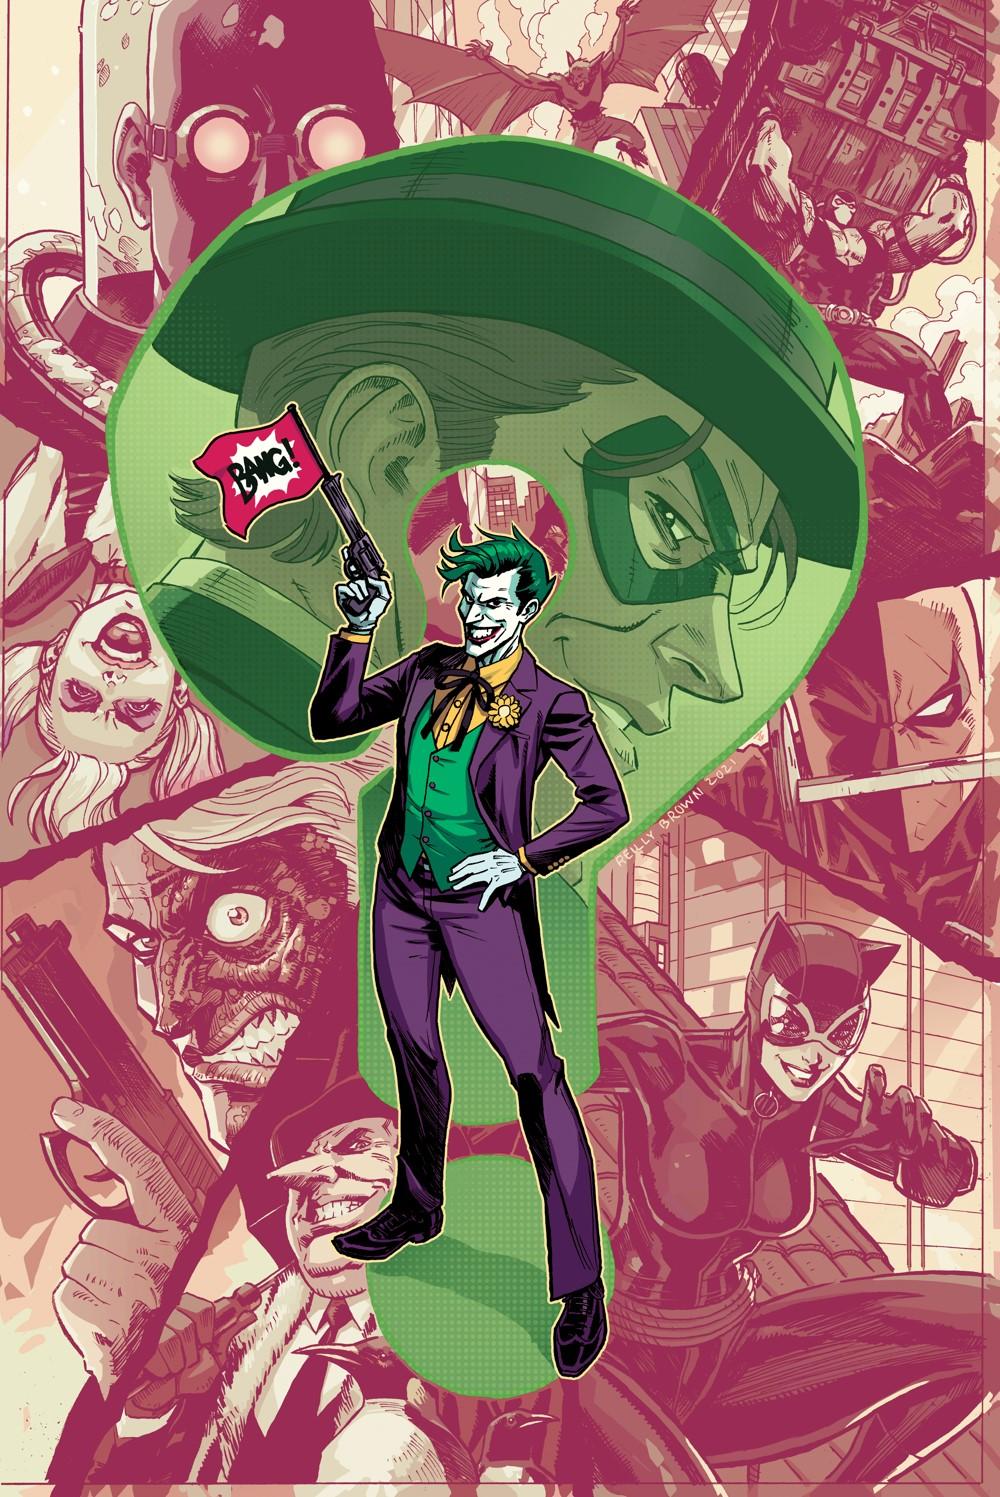 Joker_Presents_a_Puzzlebox_Cv5 DC Comics November 2021 Solicitations